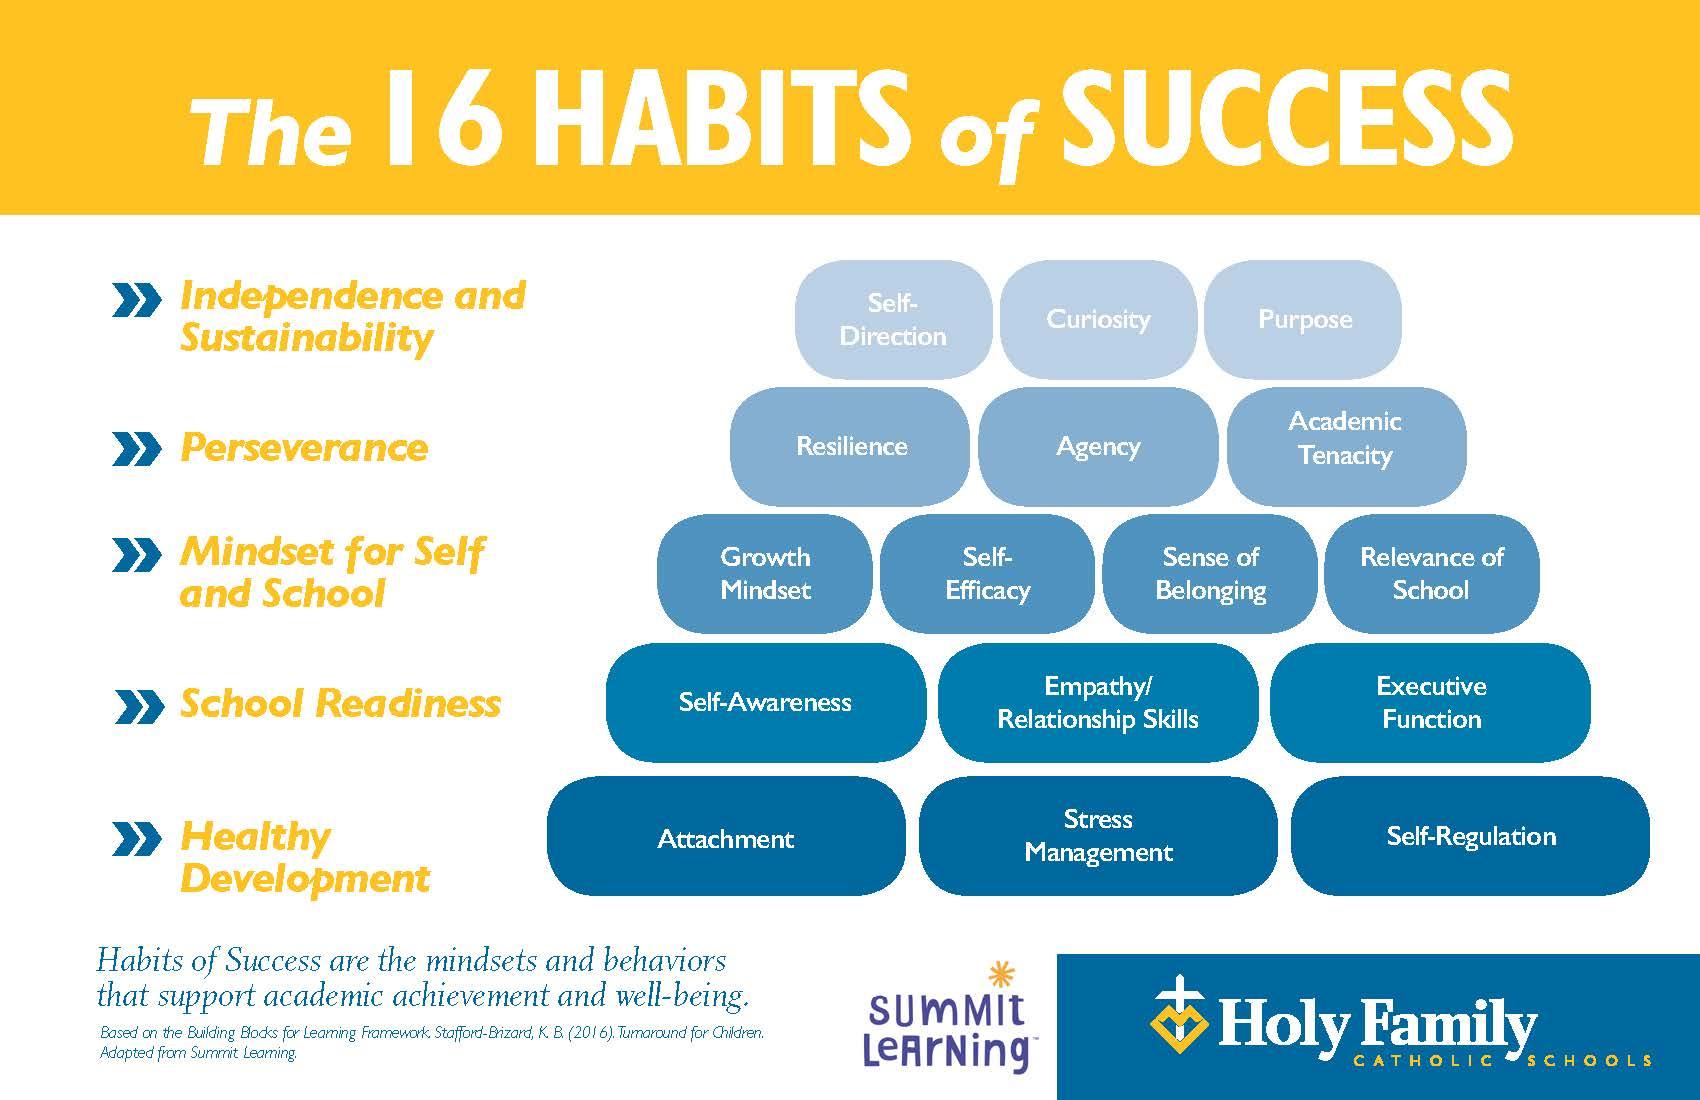 Personalized Learning at Holy Family - Holy Family Catholic